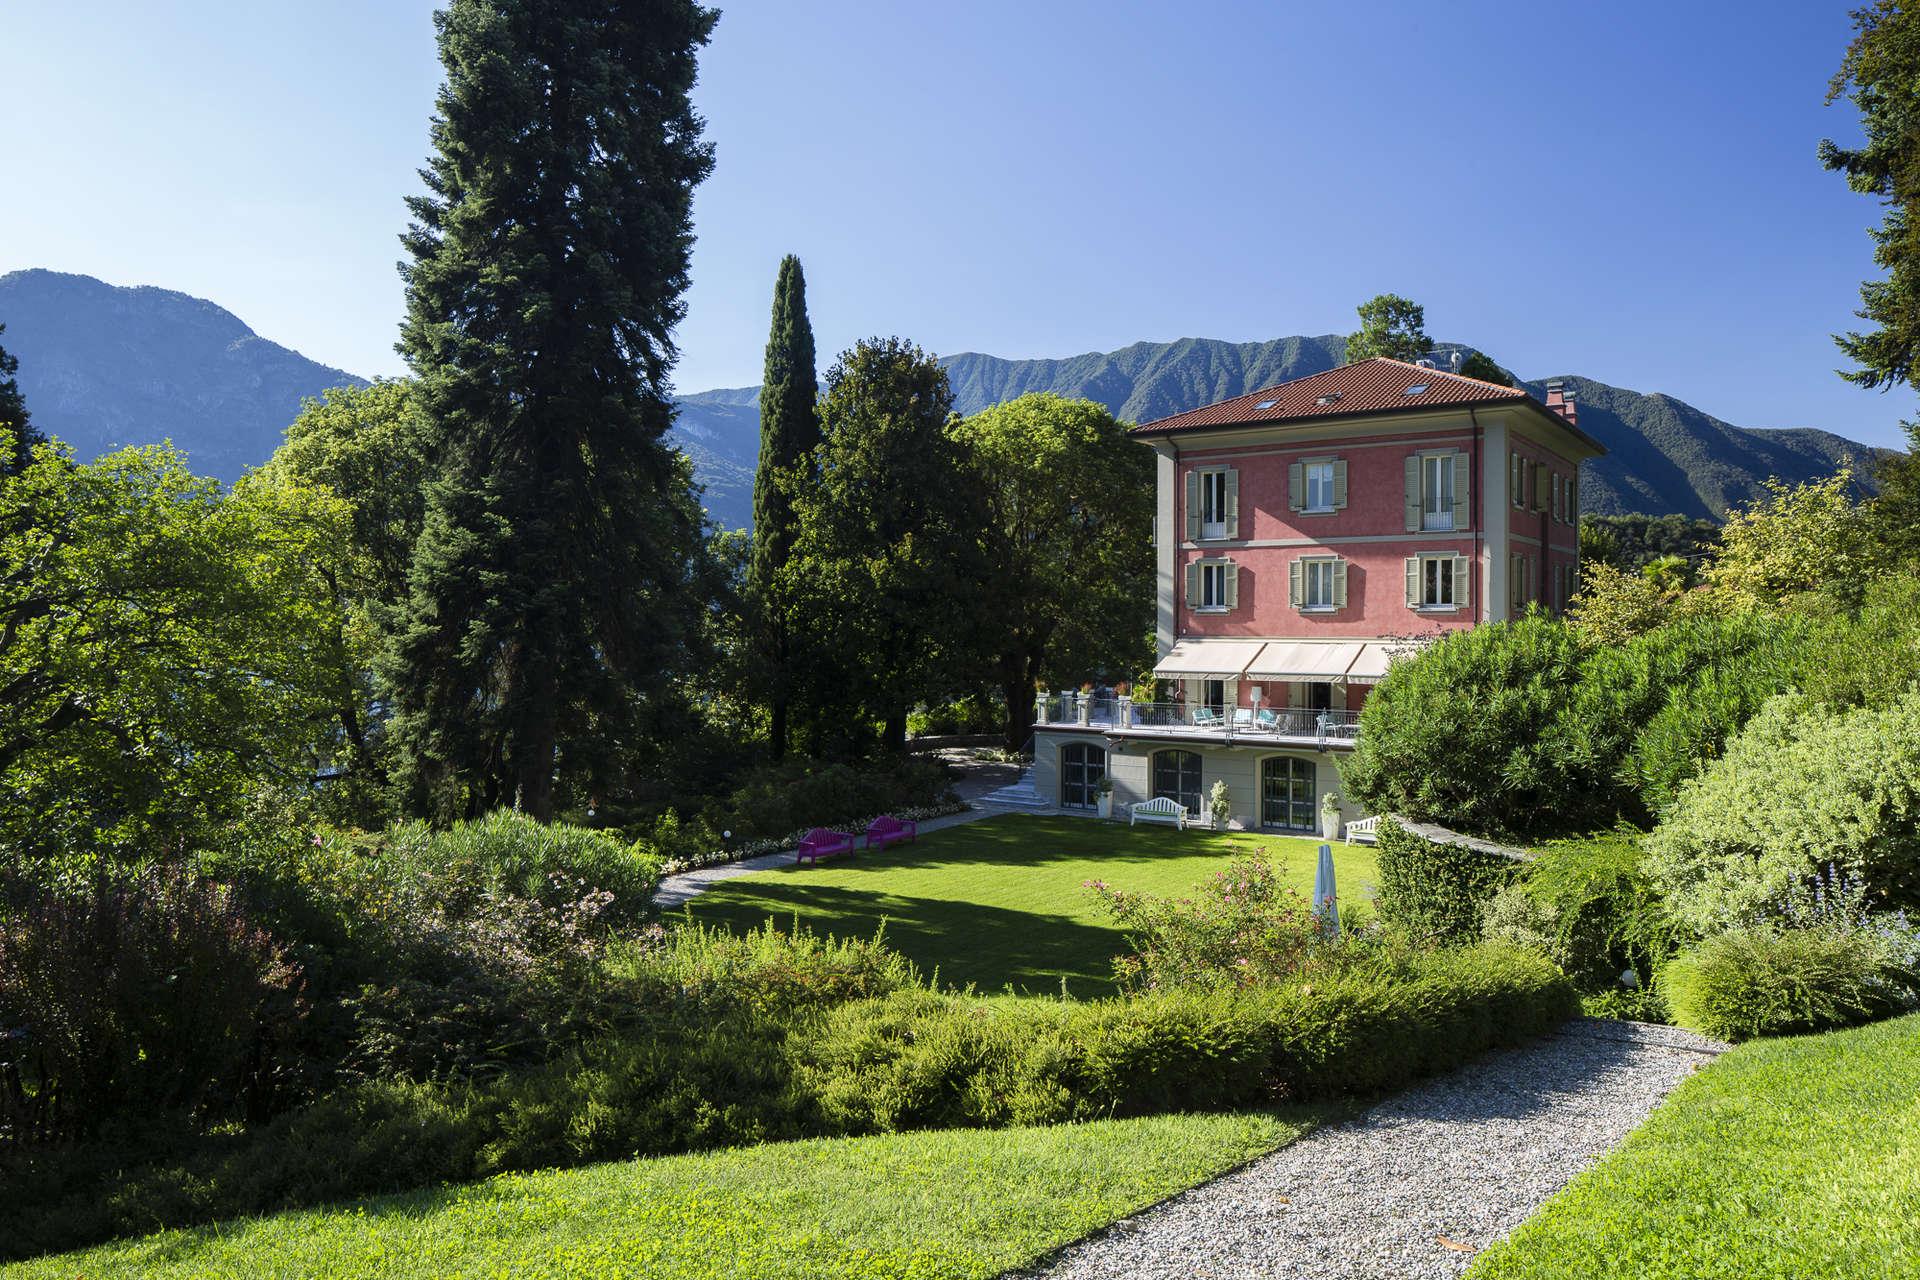 Luxury vacation rentals europe - Italy - Lombardy - Lake como - Villa Porto Felice - Image 1/43